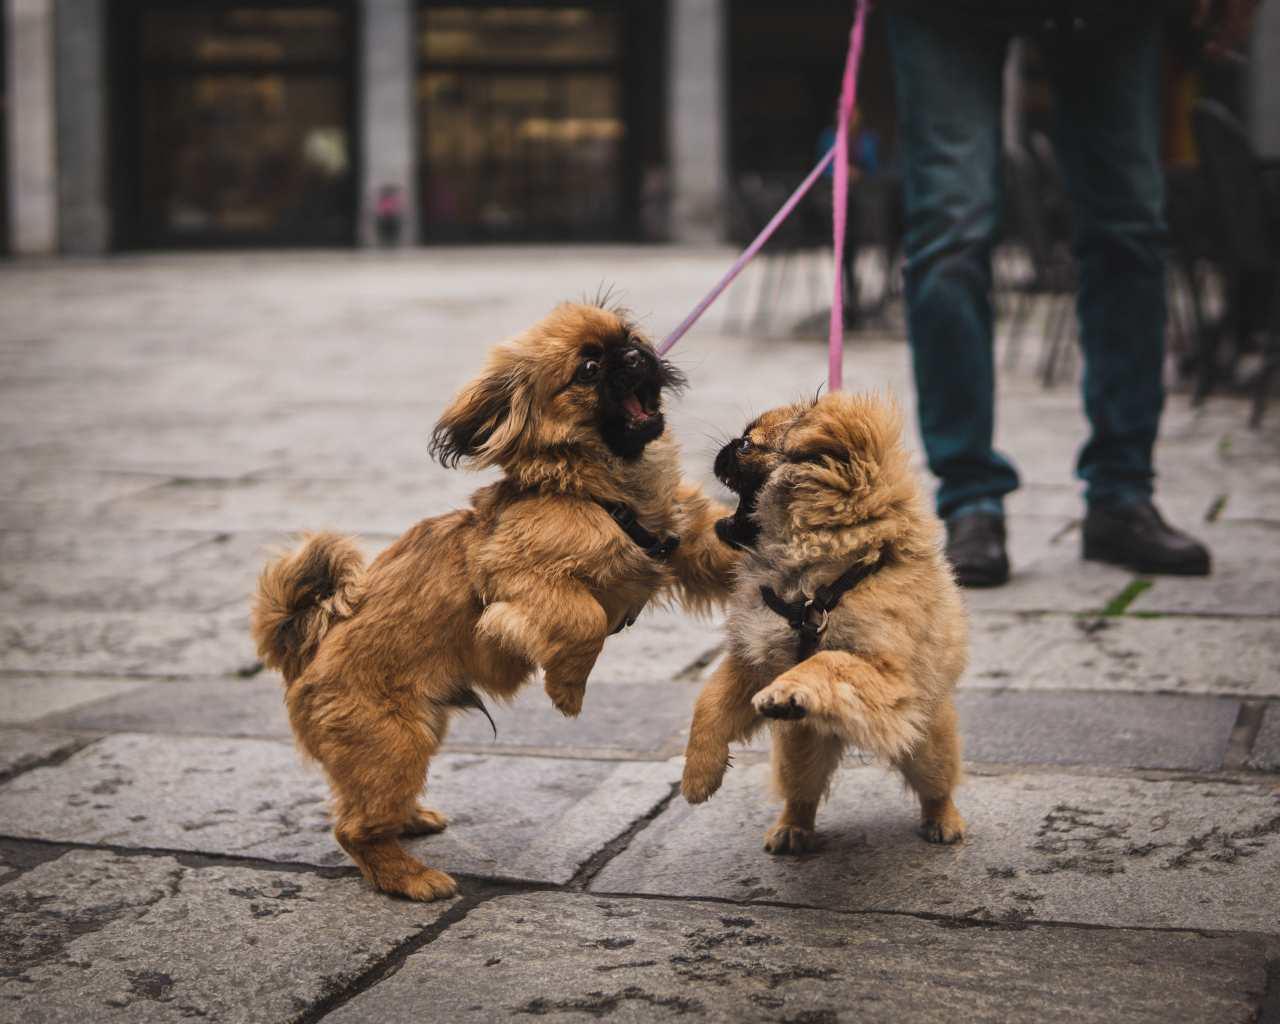 Kleine Hunde spielen miteinander.